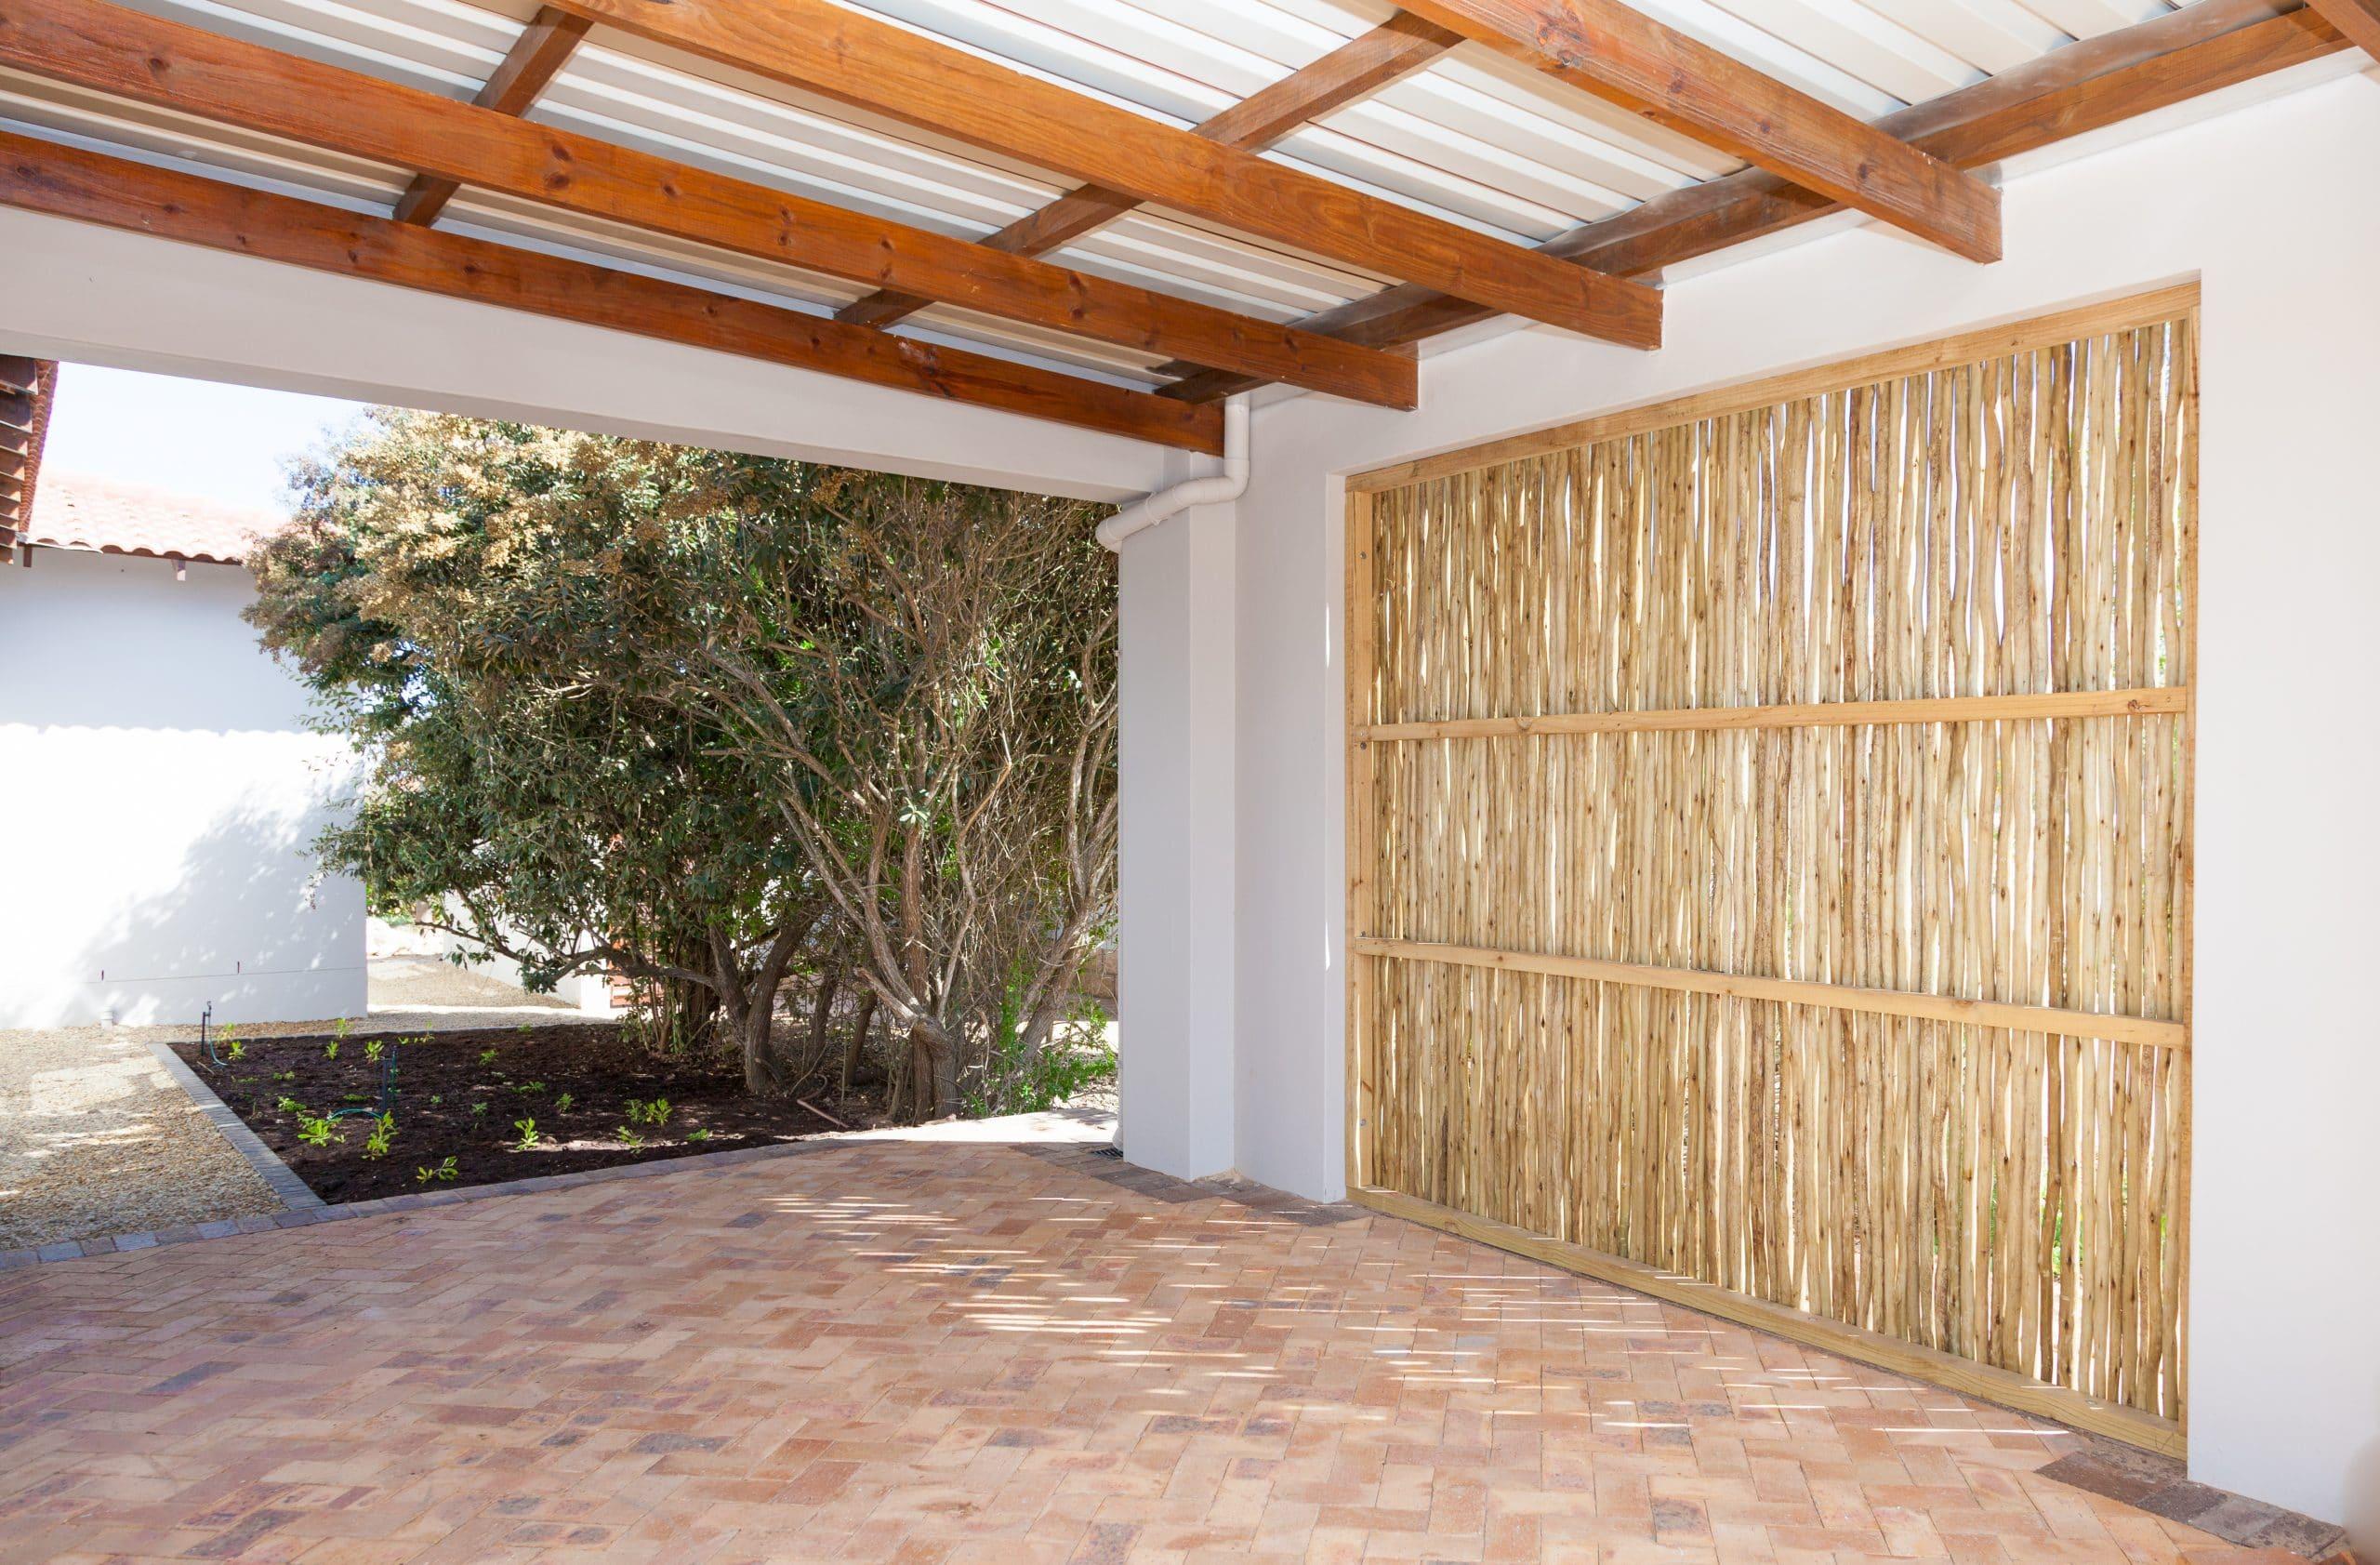 wattle enclosement for carport in langebaan country estate